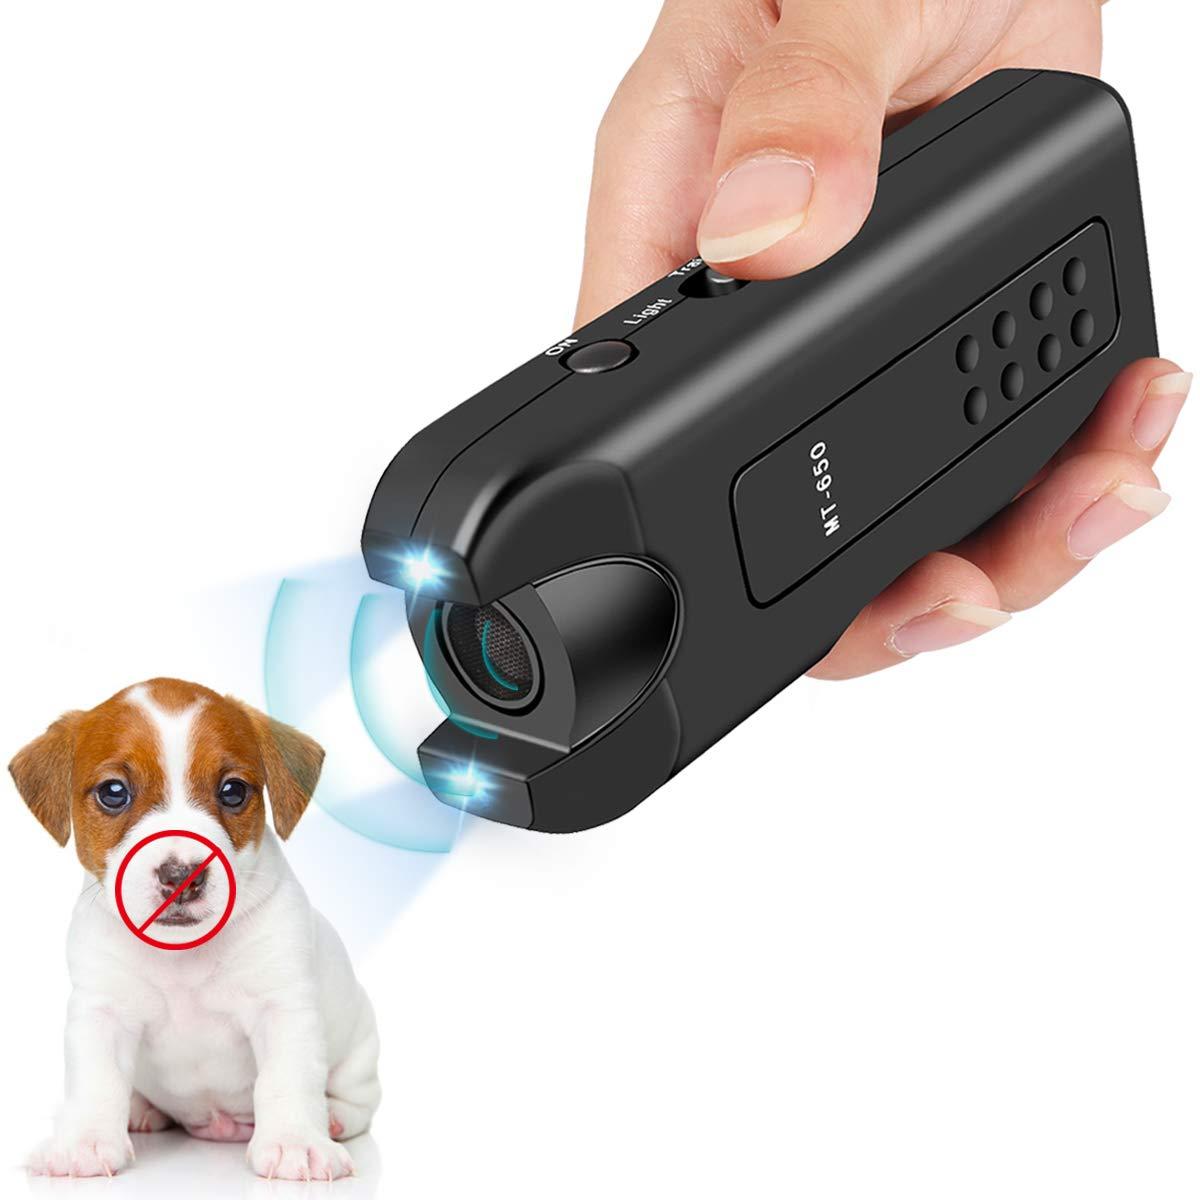 Handheld Dog Repellent, Ultrasonic Infrared Dog Deterrent, Bark Stopper + Good Behavior Dog Training by Vitorun